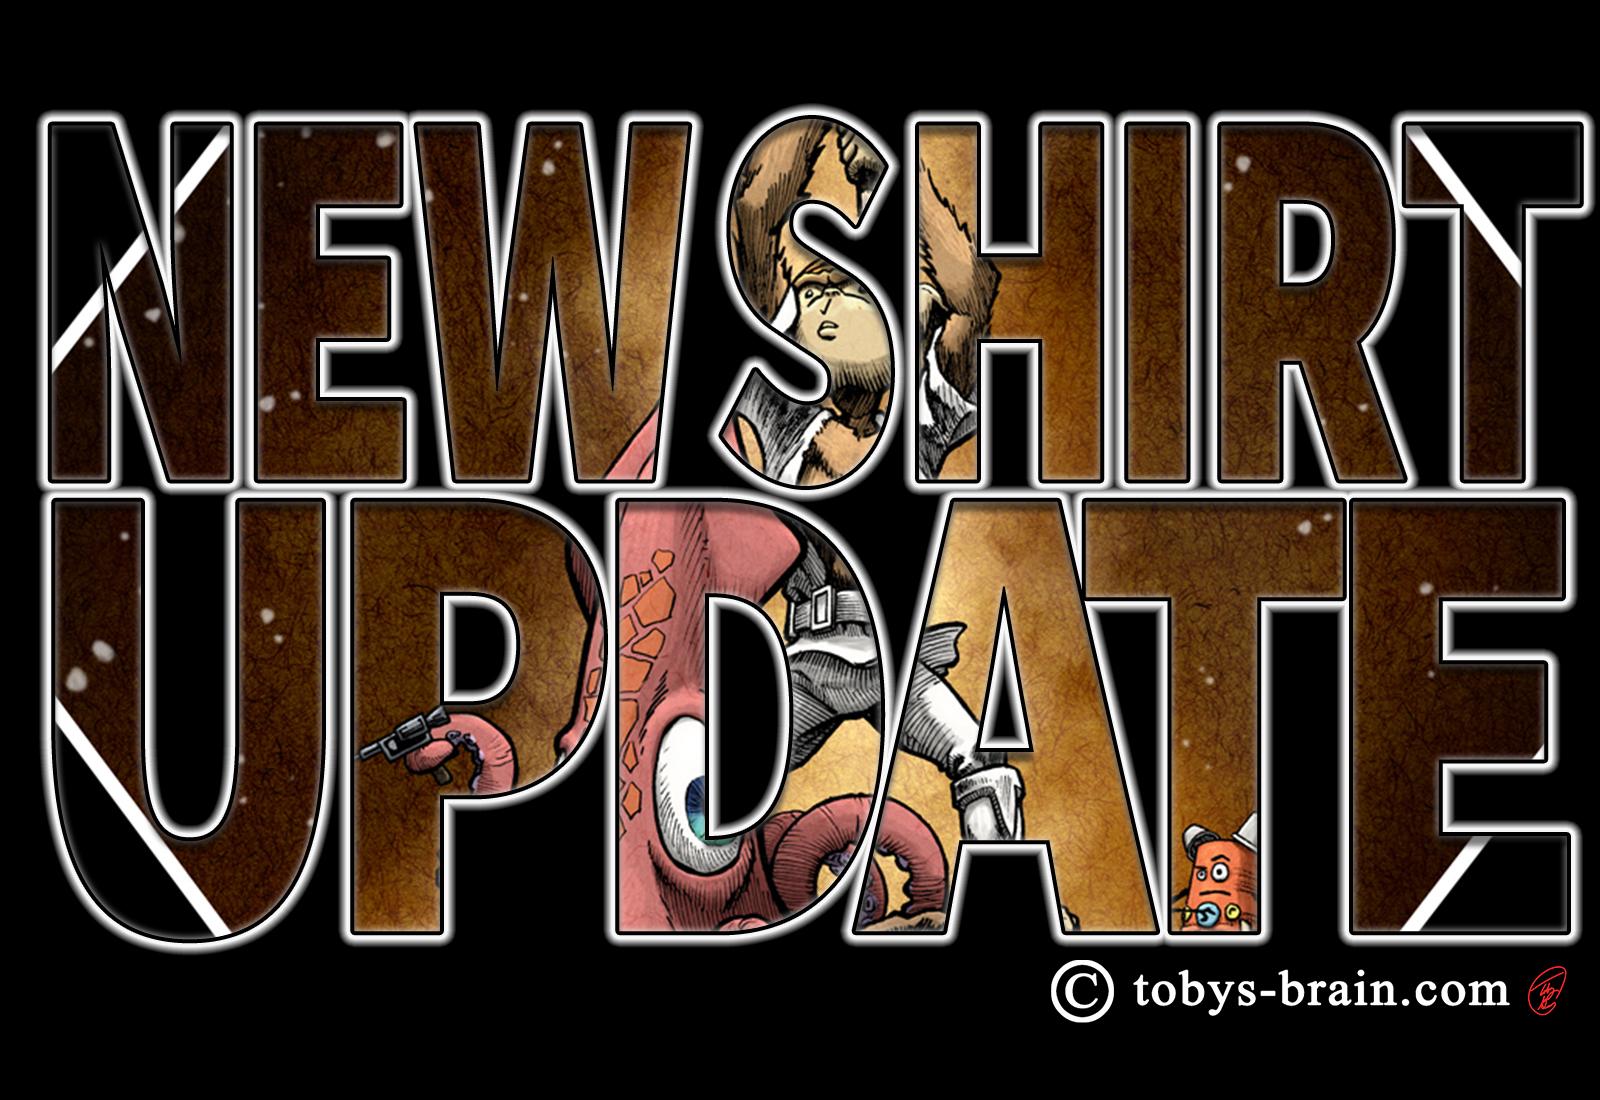 New Shirt Alert: A New…Plunger?